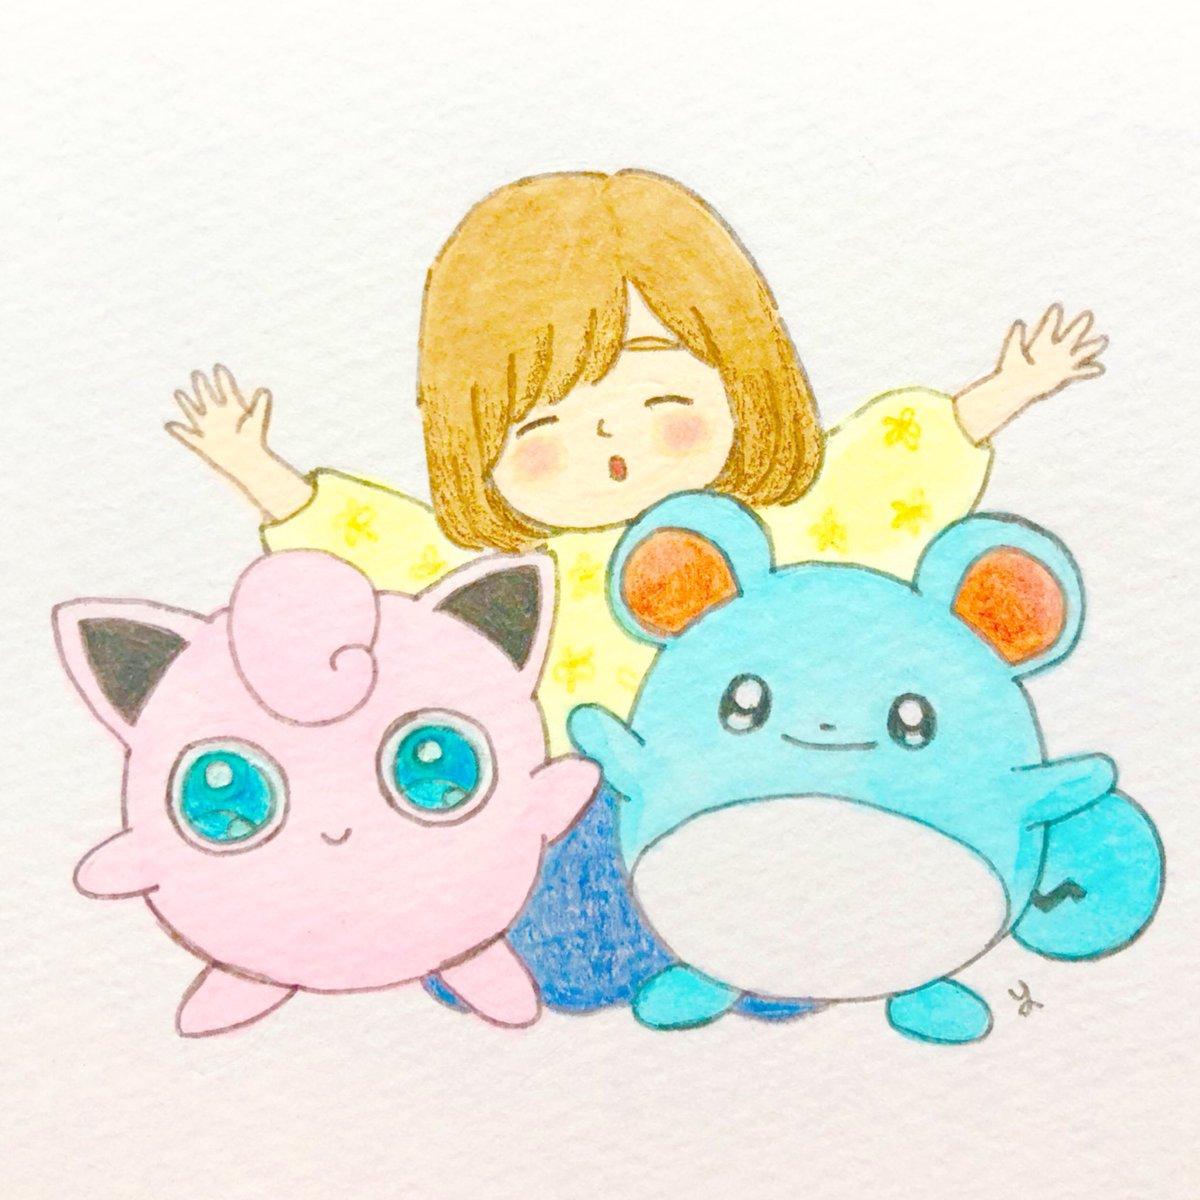 さゆい Kumanekonomori V Twitter 最近またポケモンgoをはじめました 小学生の時に好きだったプリンとマリルを描きました ポケモン Pokemon ポケットモンスター イラスト Illust 絵描きさんと繫がりたい